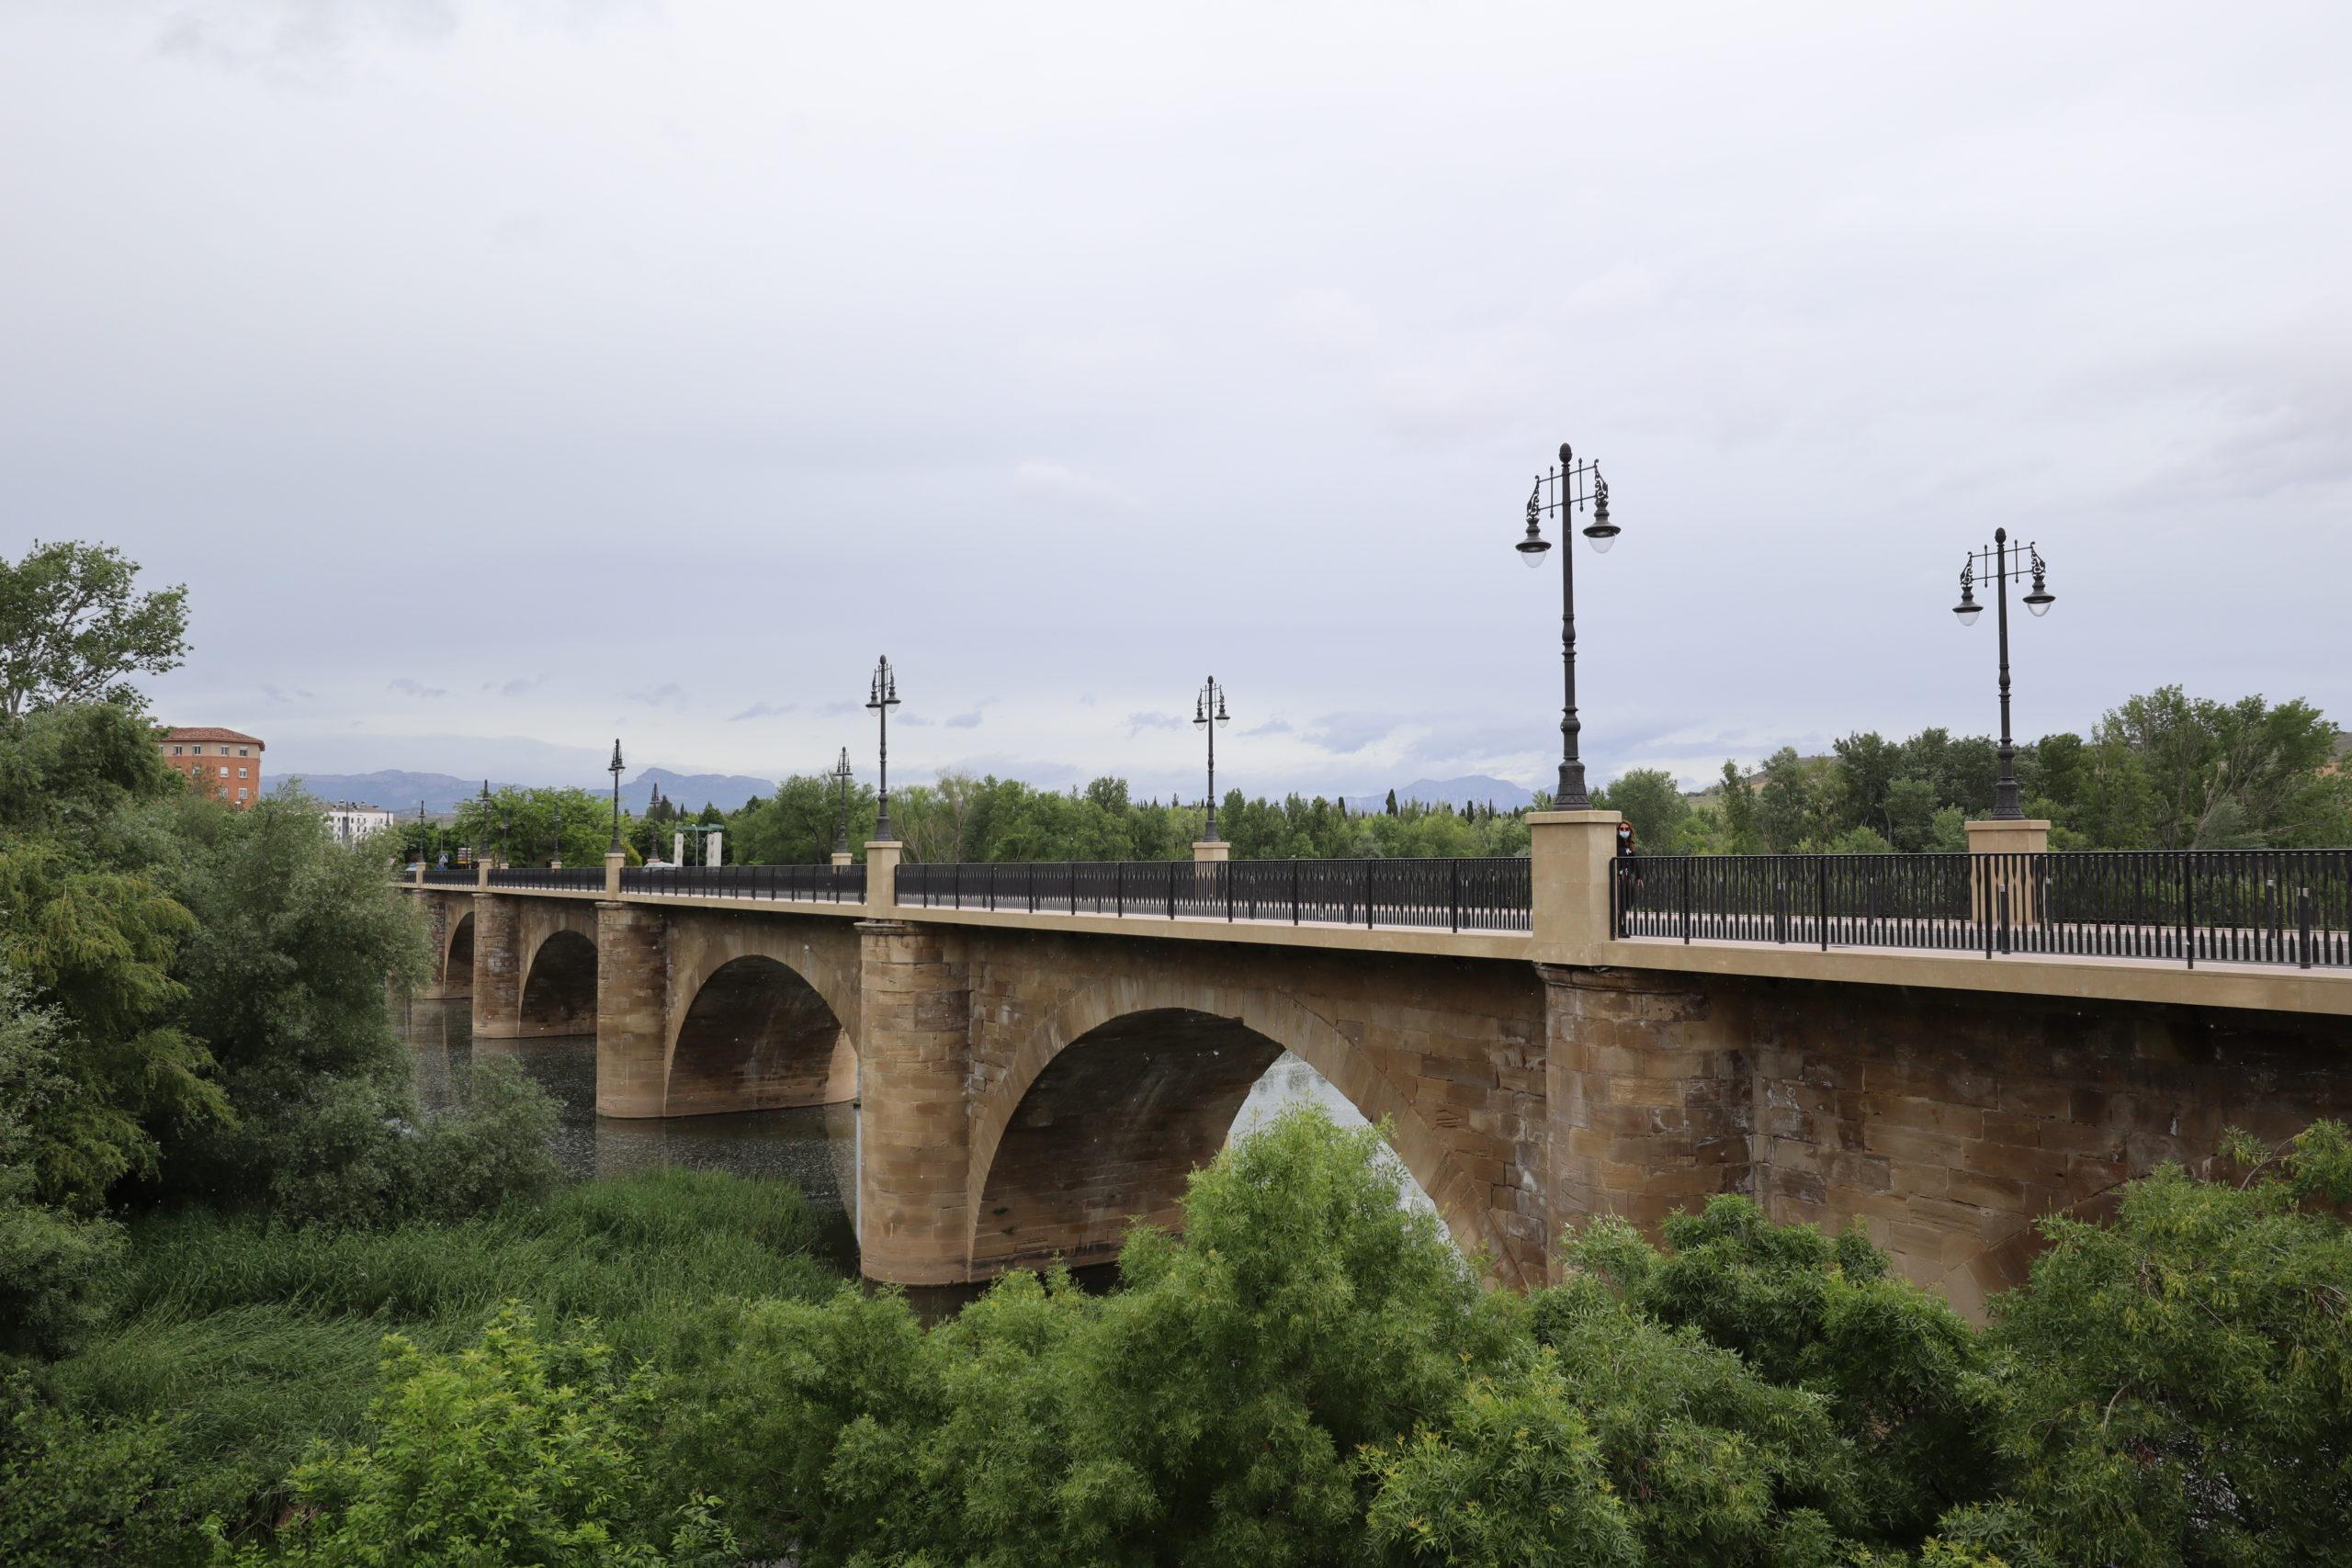 puente-de-piedra-logroño